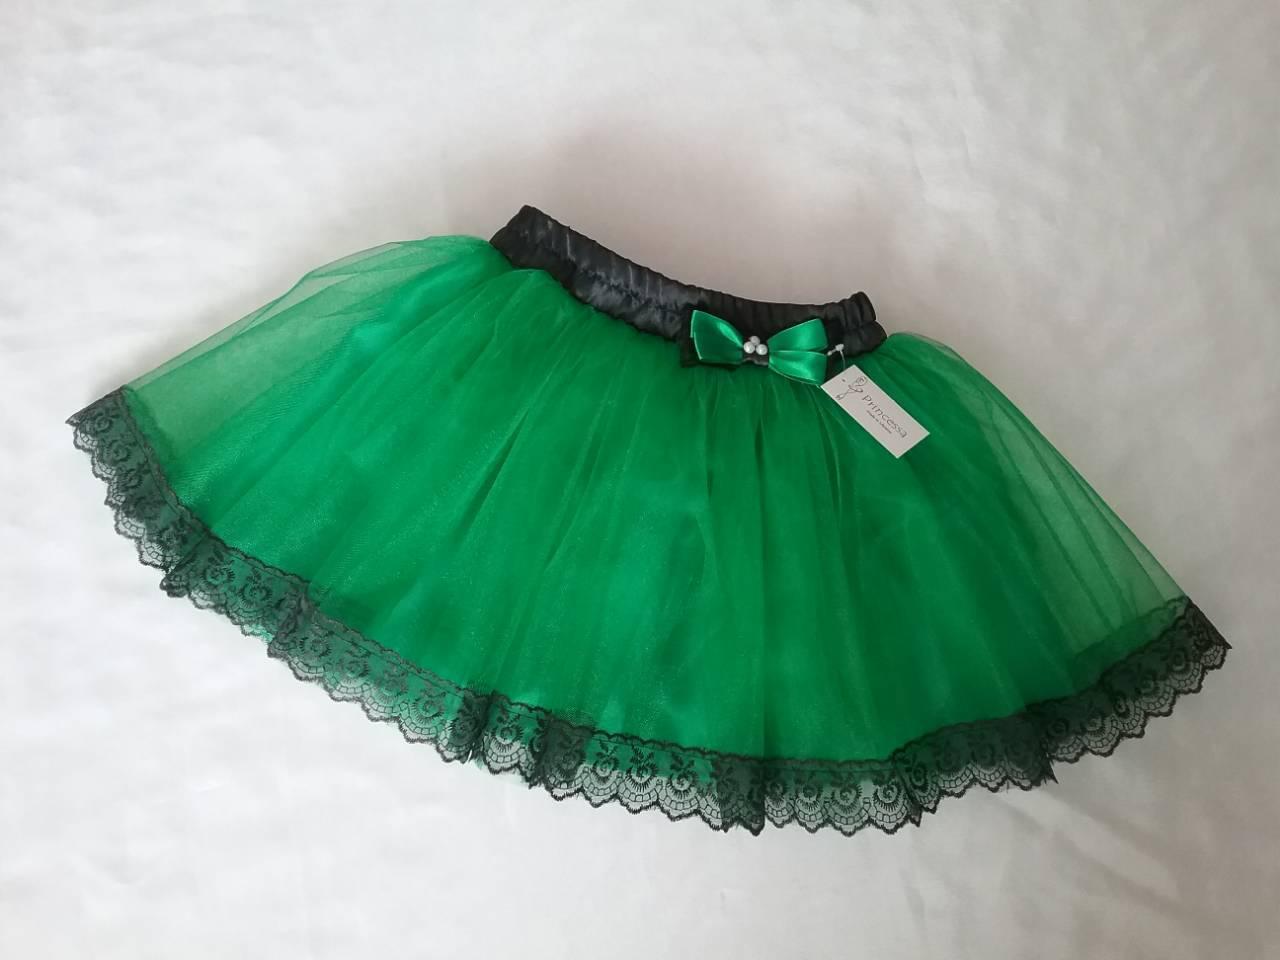 Юбочка детская зеленая фатиновая на резинке, с подкладом и кружевом. Пошив в любом цвете